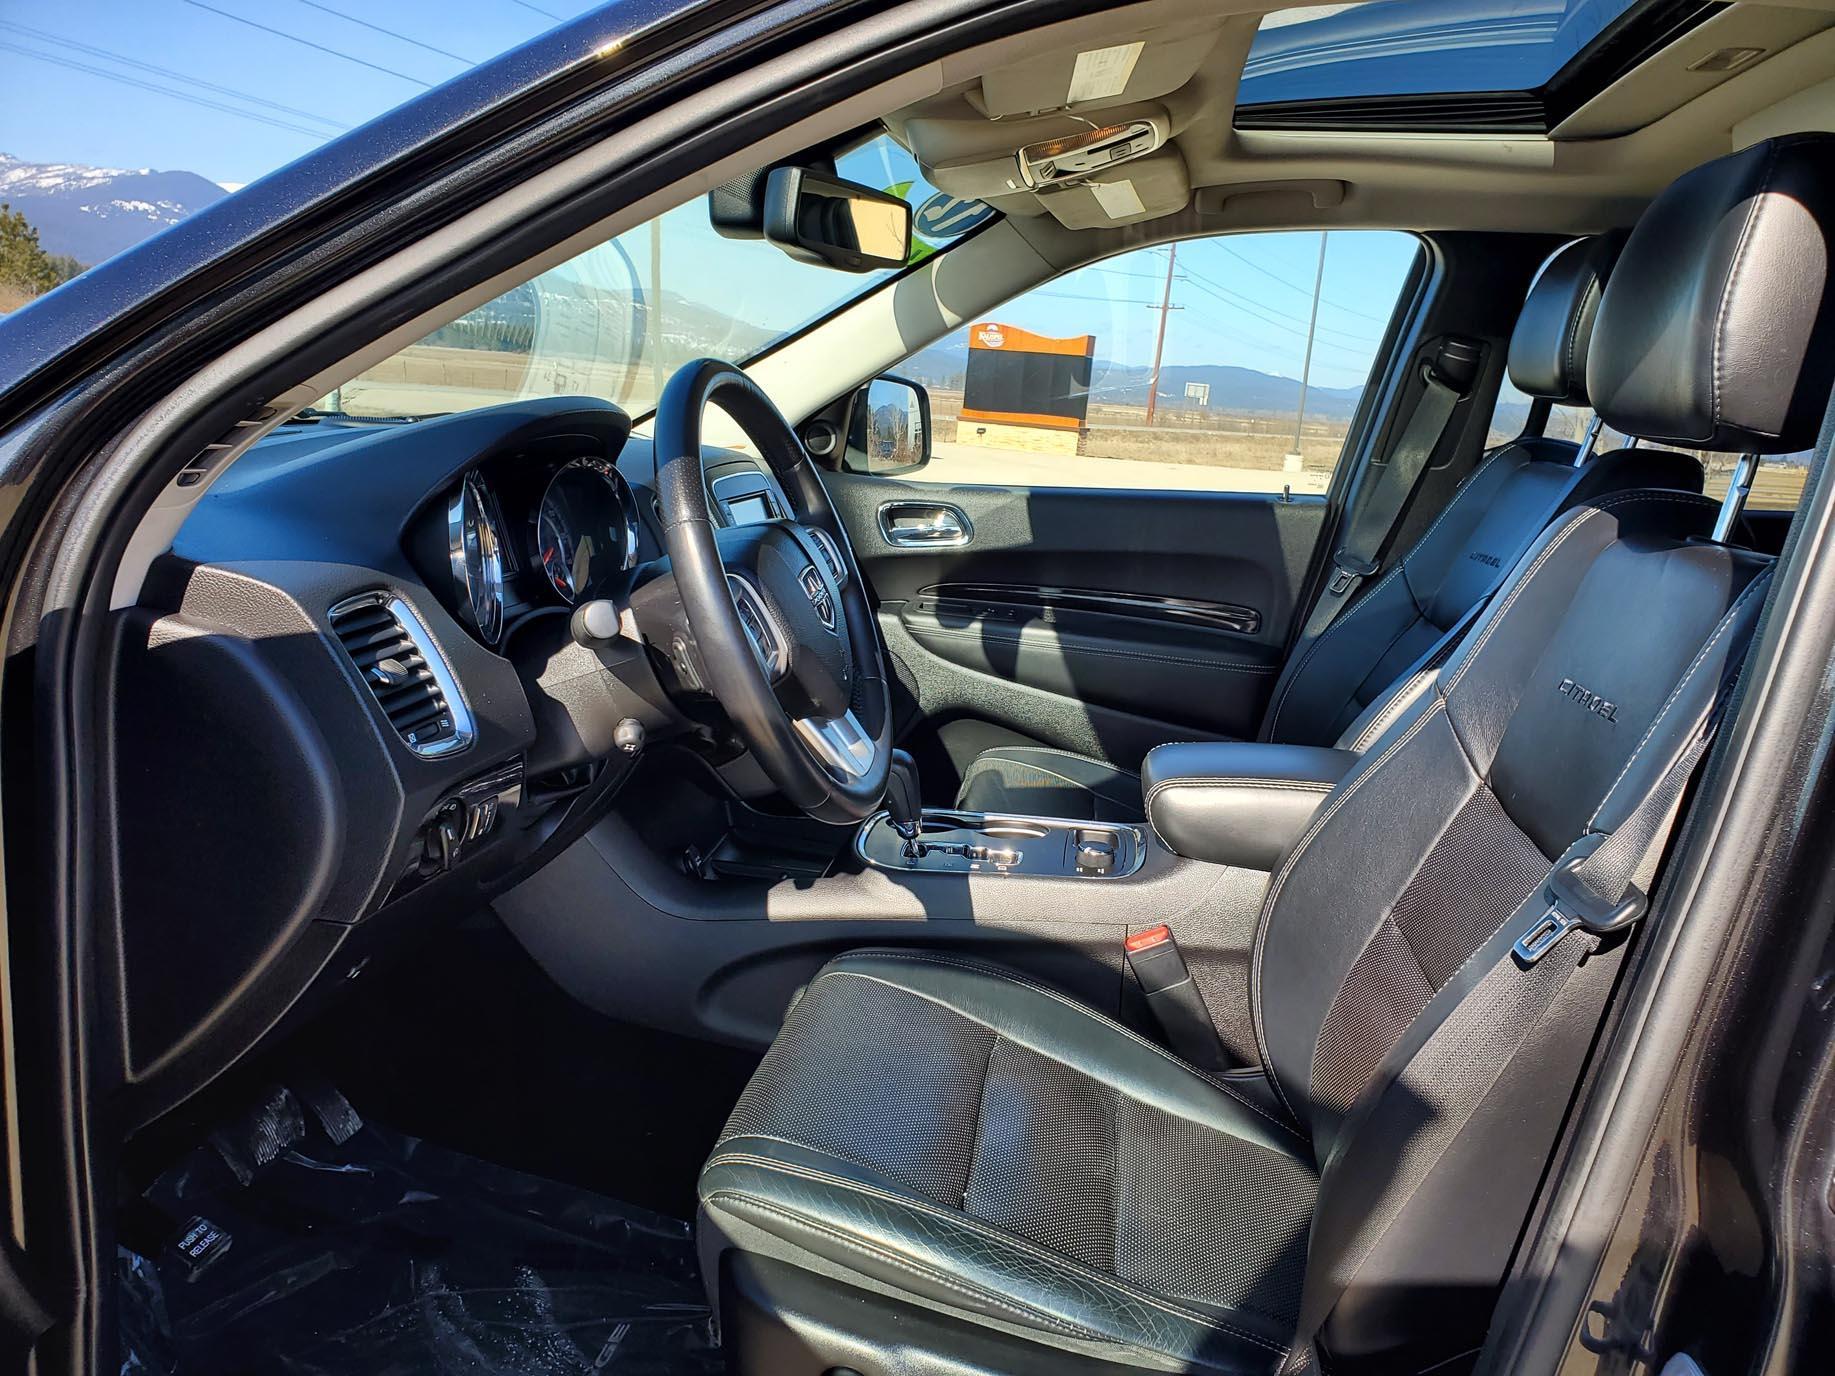 2012 Dodge Durango 7